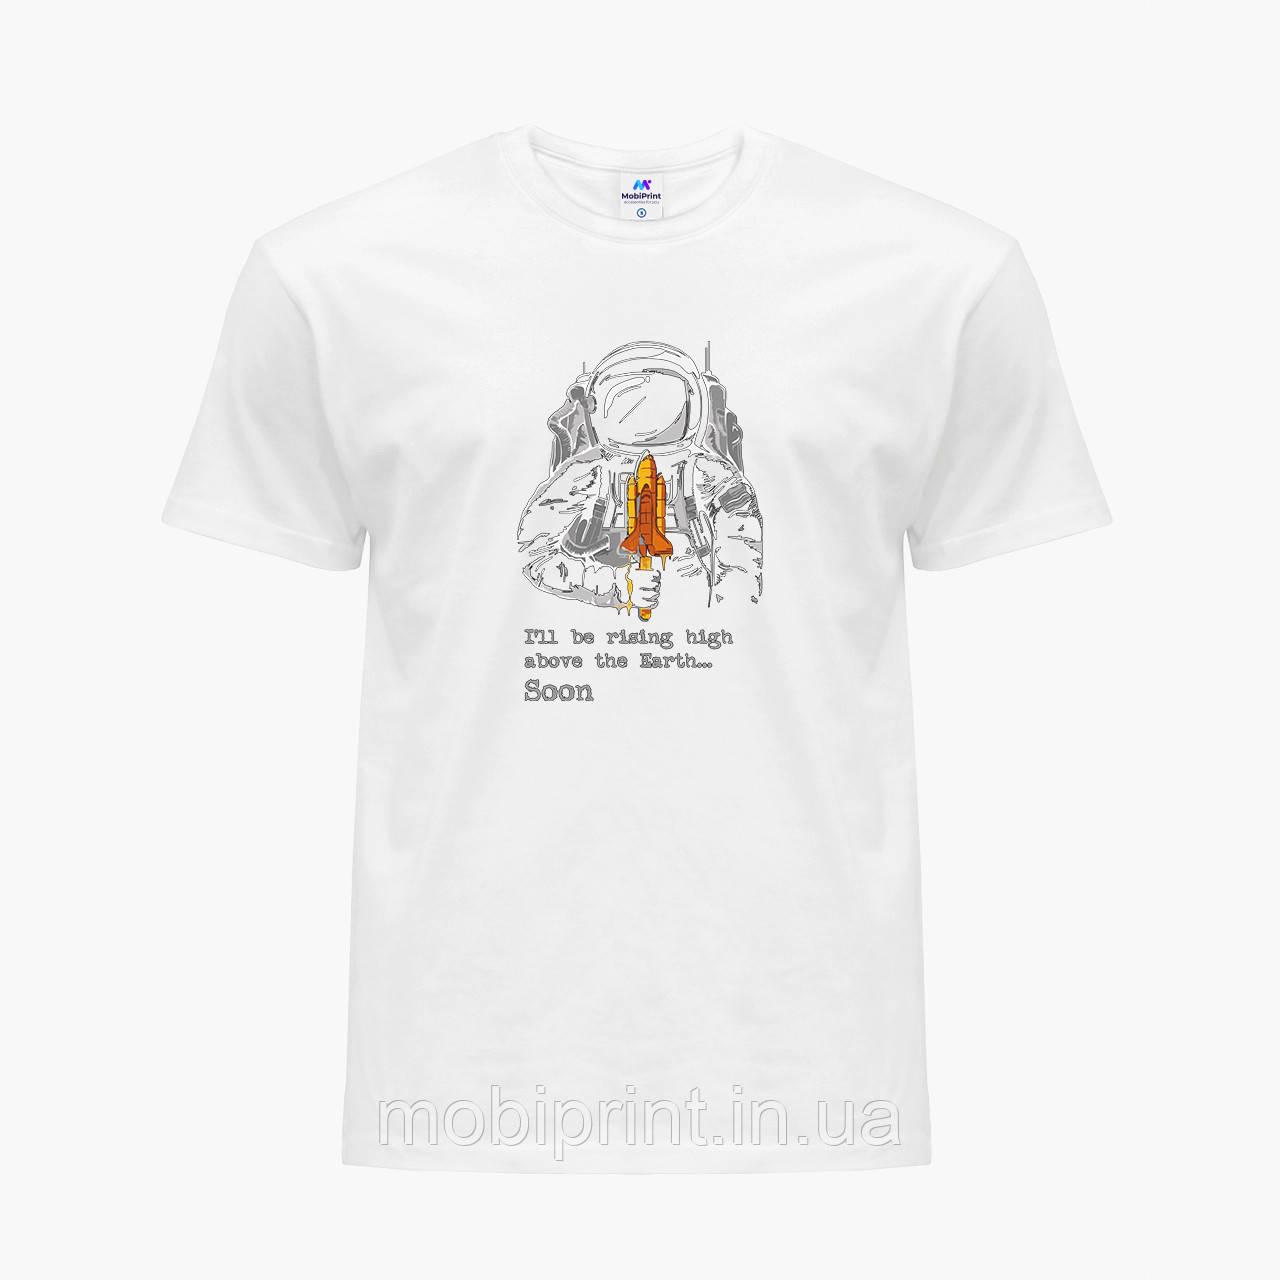 Футболка чоловіча Космонавт c ракетою Білий (9223-2026)